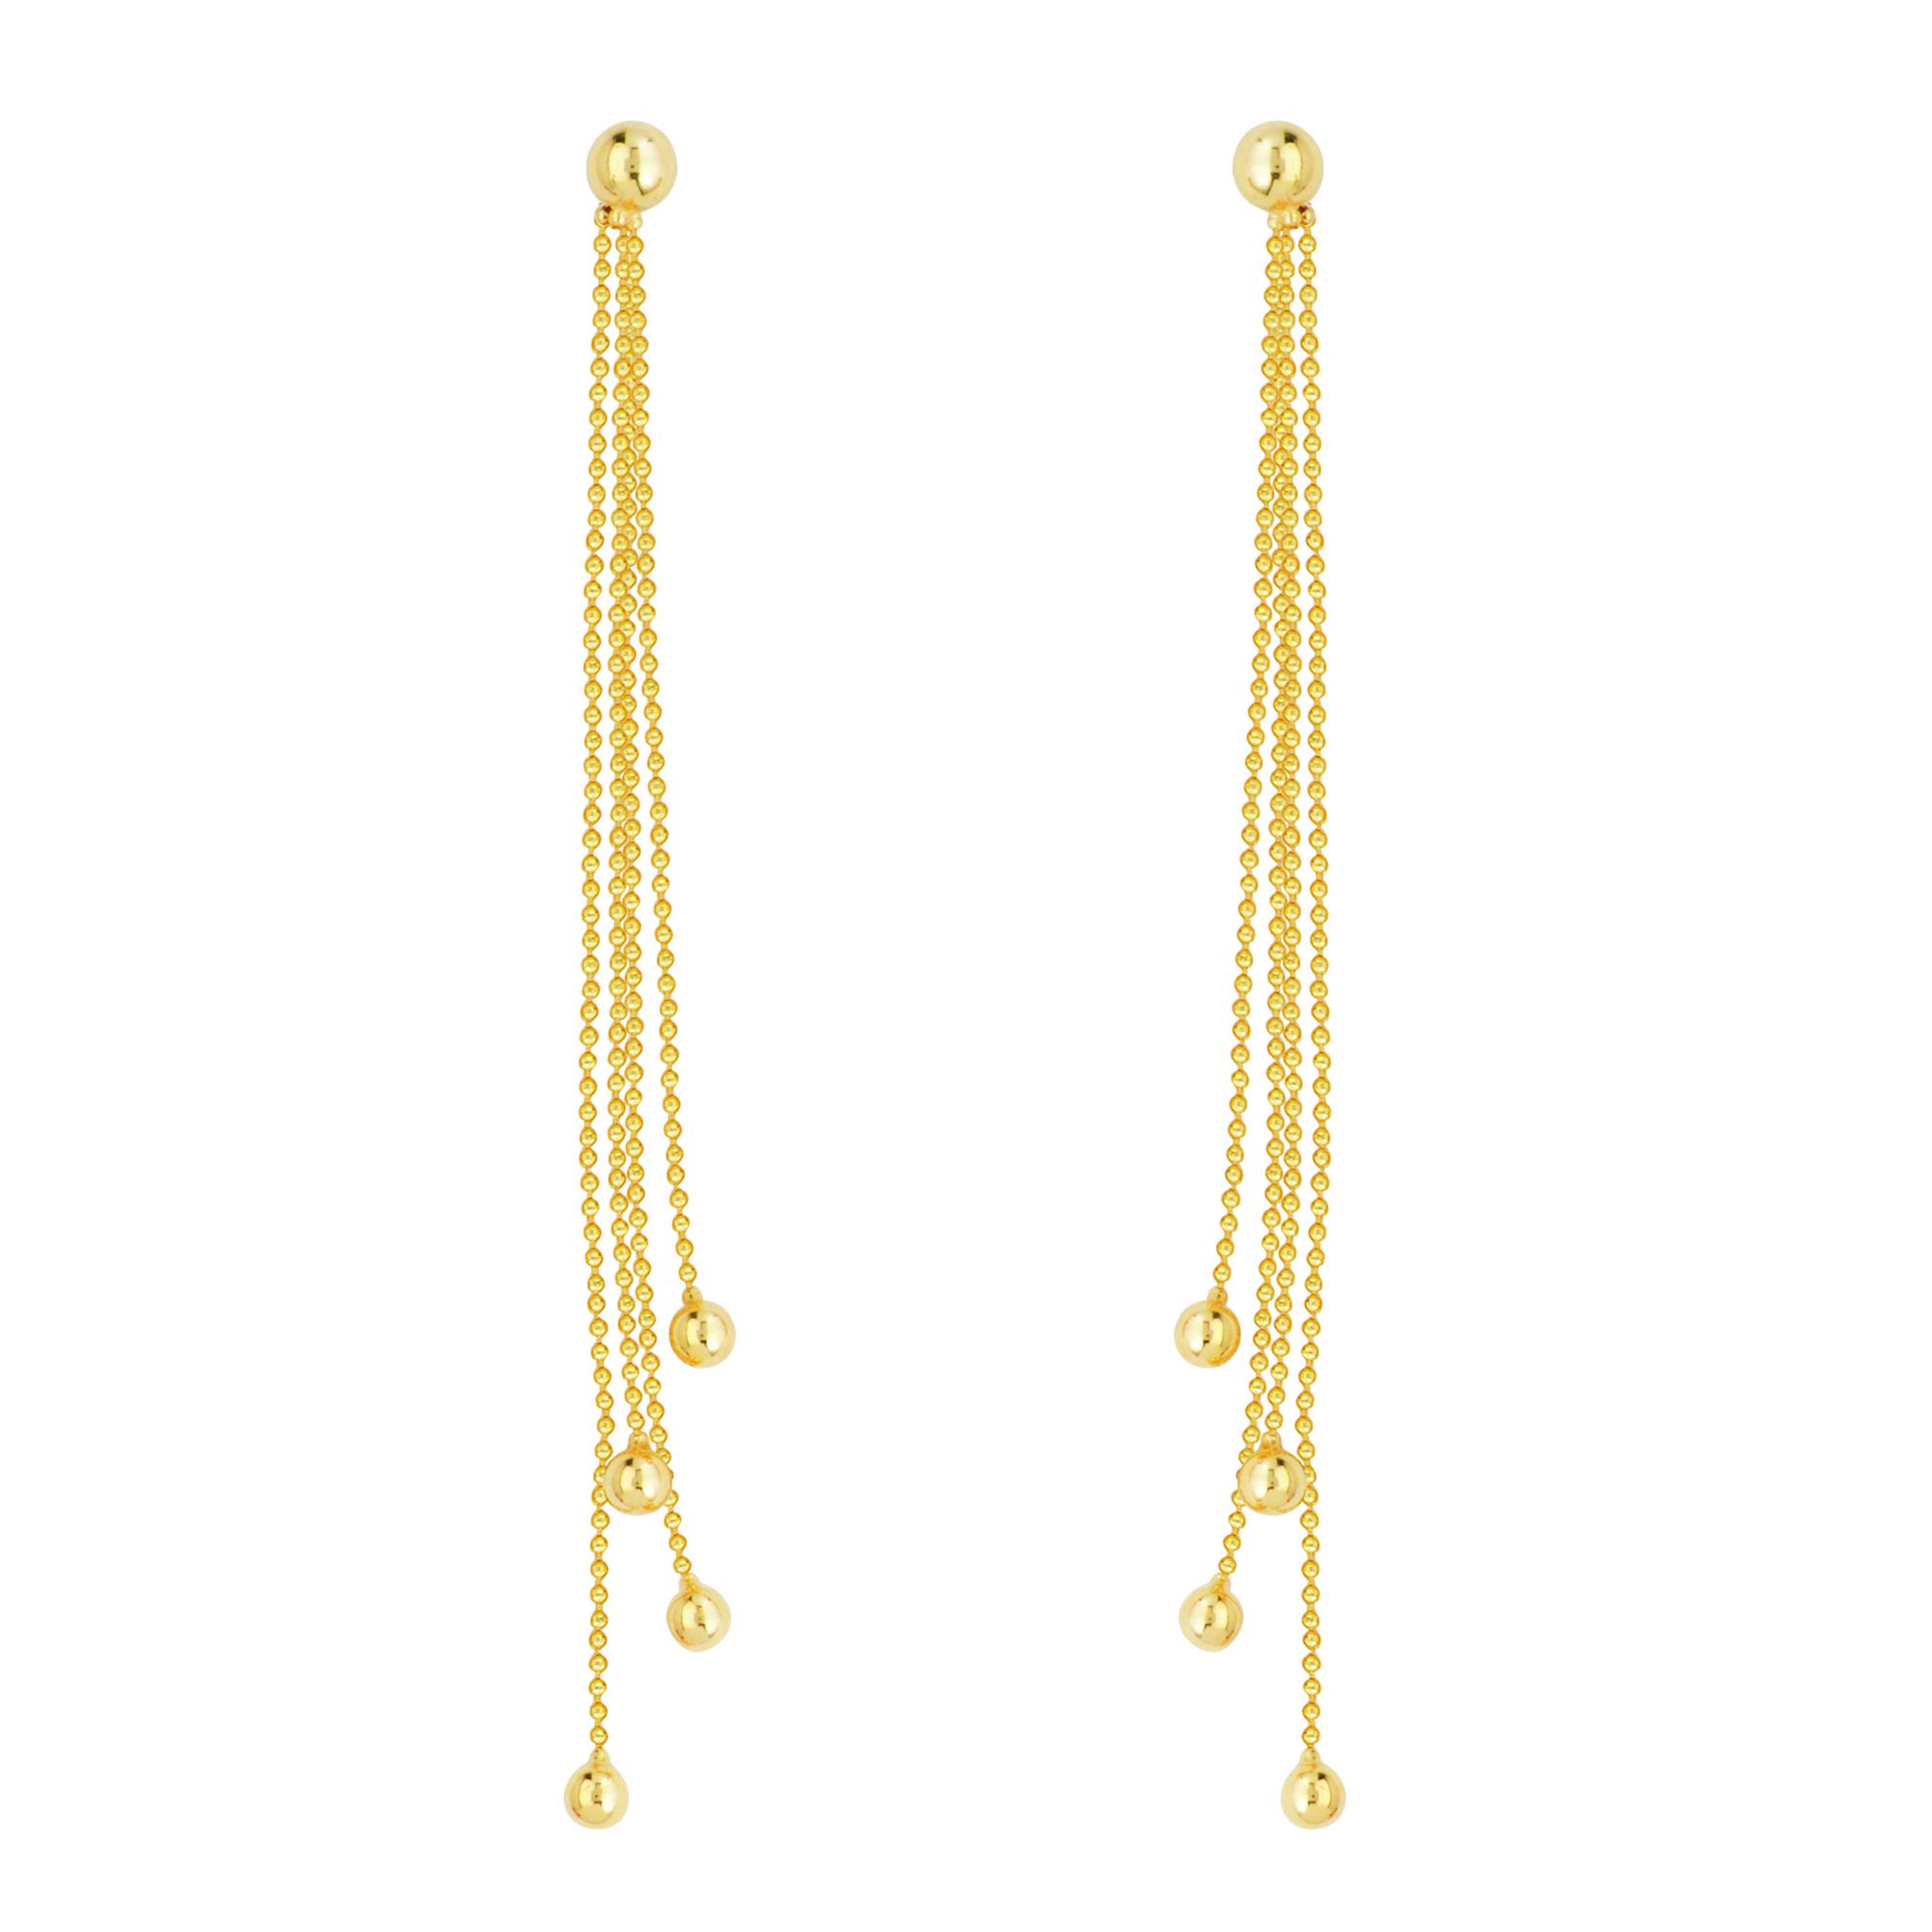 Chain Earring, 14Kt Gold Earring